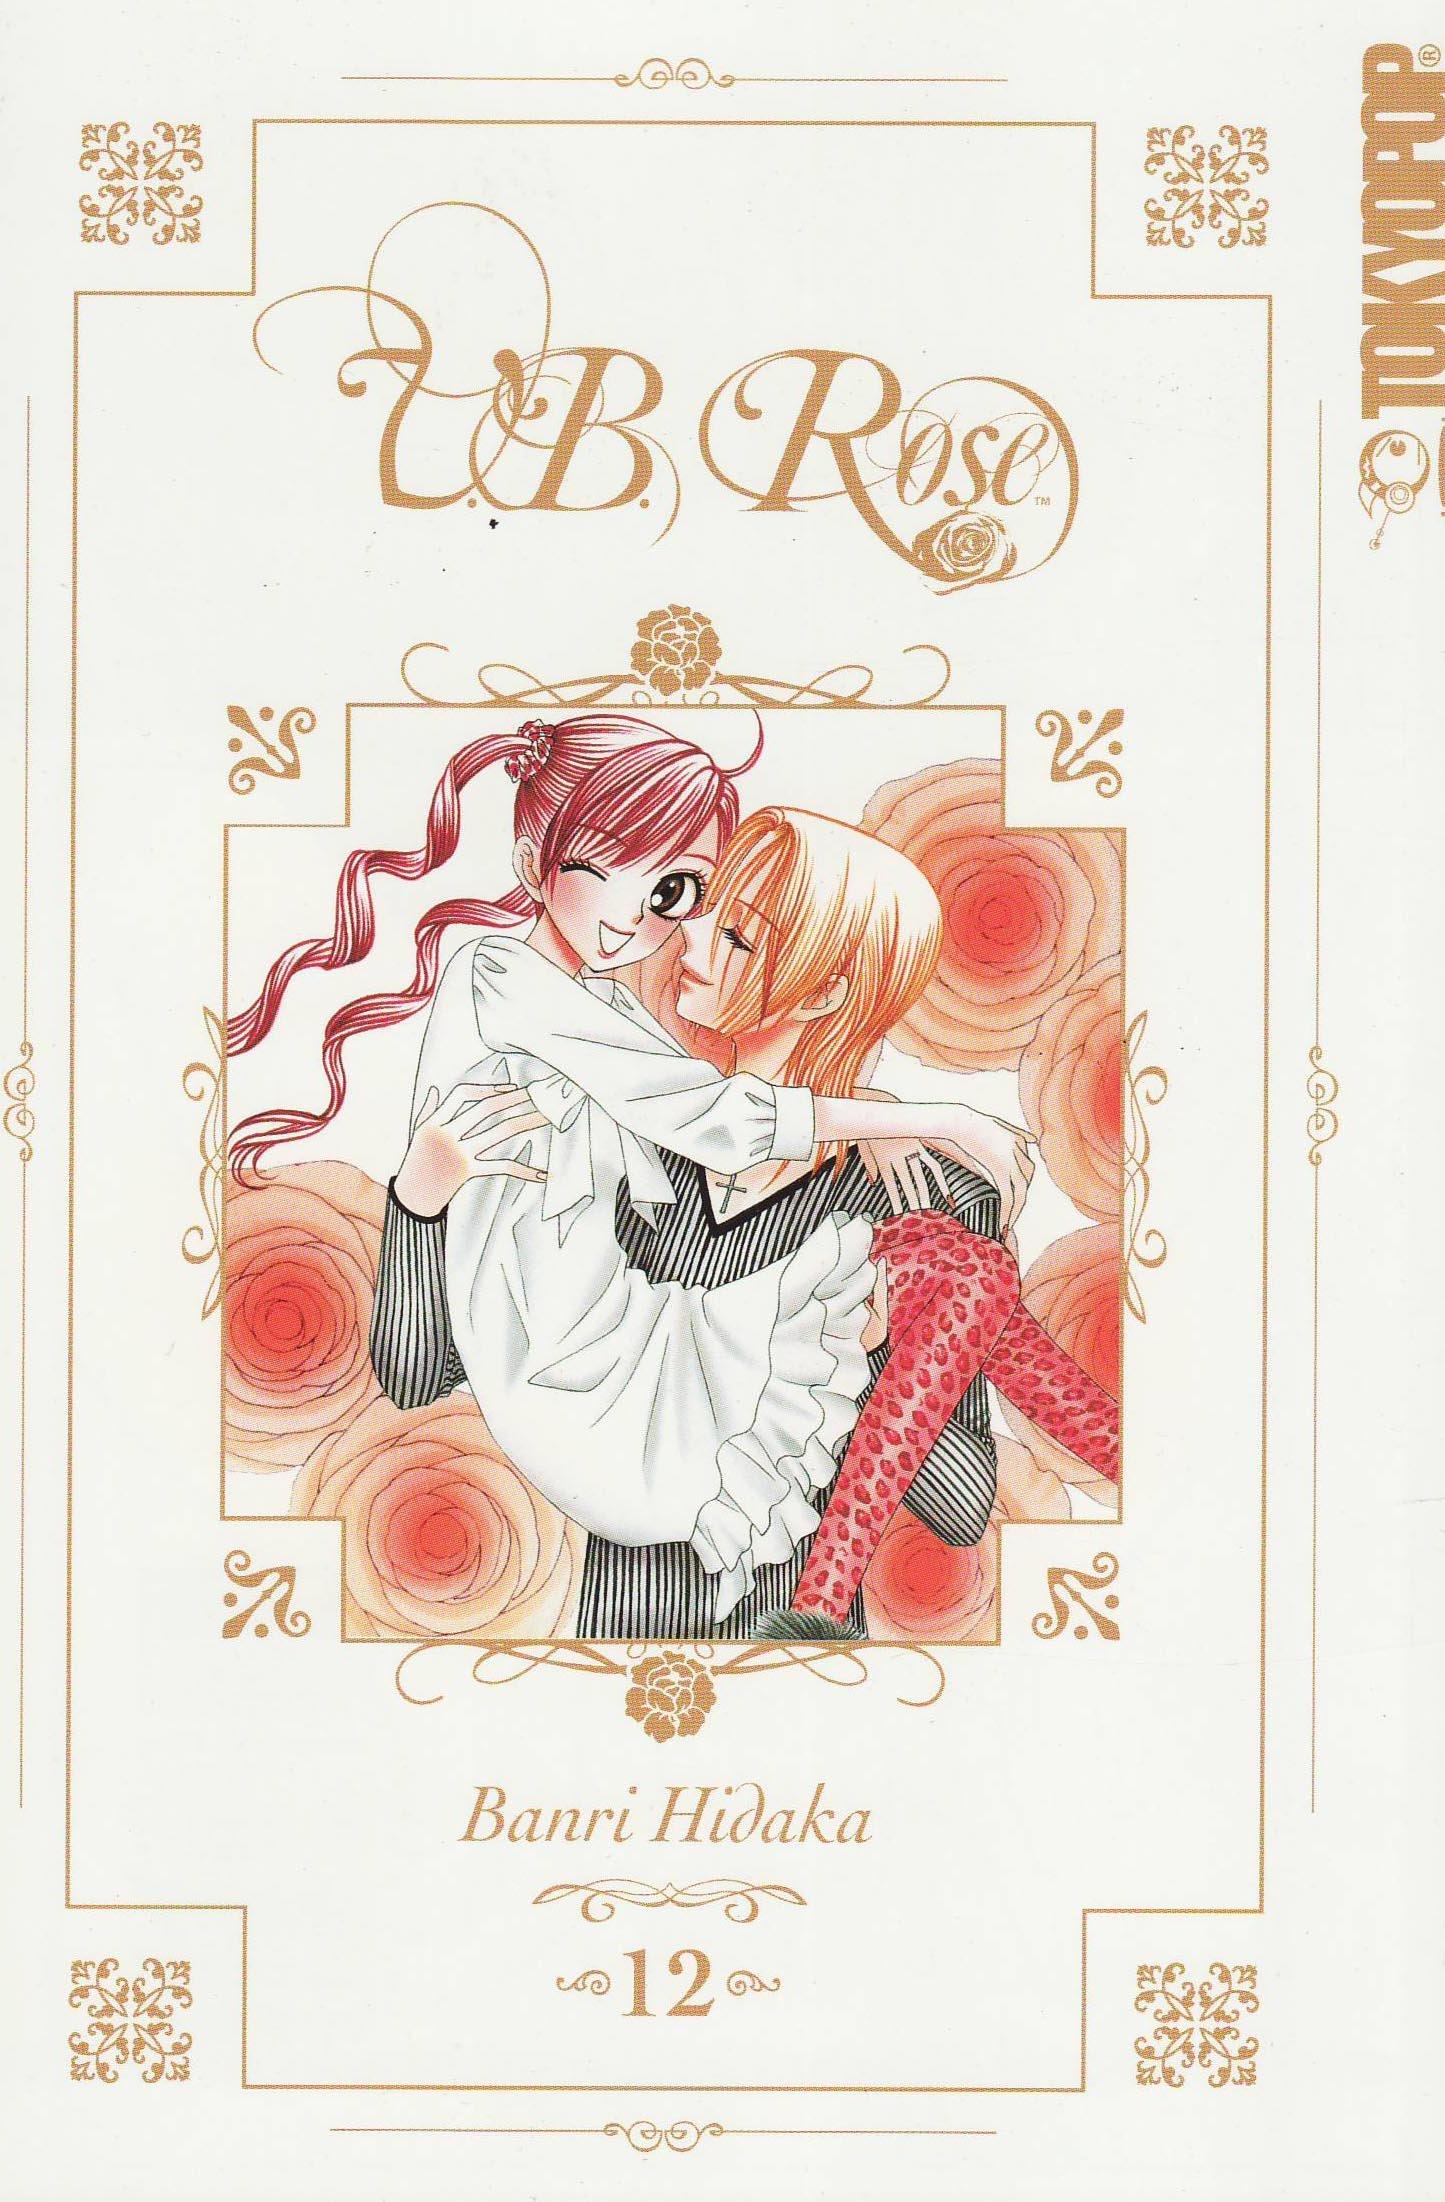 V.B. Rose Manga Volume 12